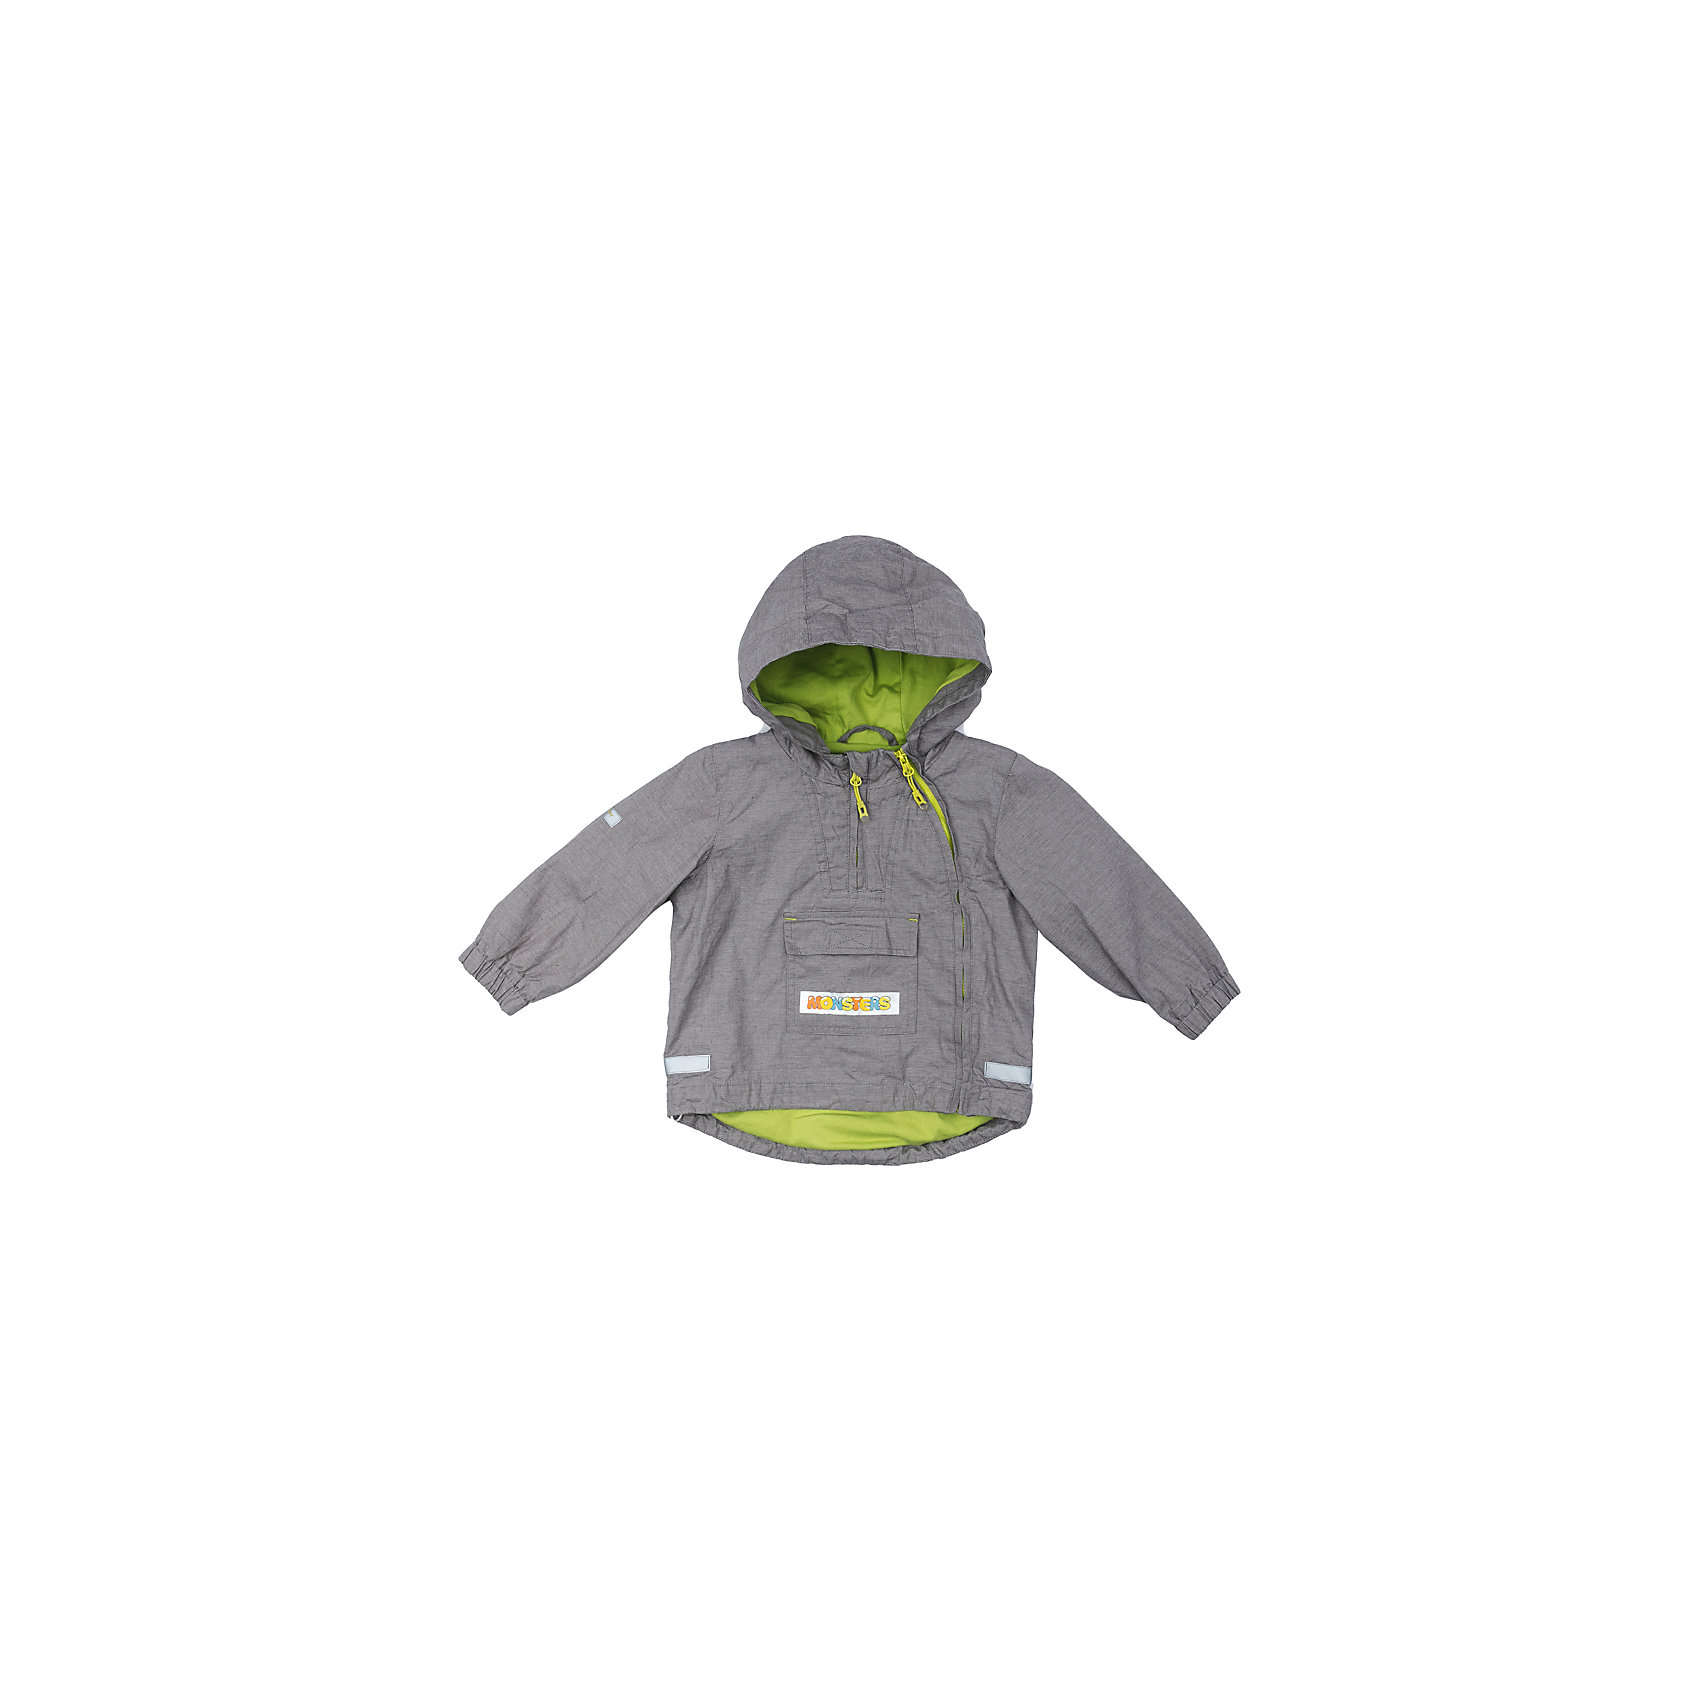 Куртка для мальчика PlayTodayВерхняя одежда<br>Характеристики товара:<br><br>• цвет: серый<br>• состав: 100% хлопок<br>• подкладка: 80% хлопок, 20% полиэстер<br>• без утеплителя<br>• температурный режим: от +10°С до +20°С<br>• сезон: демисезон<br>• молния с защитой подбородка<br>• эластичные манжеты<br>• капюшон не отстегивается<br>• светоотражатели на рукаве и по низу изделия<br>• страна бренда: Германия<br>• страна производства: Китай<br><br>Куртка с капюшоном для мальчика PlayToday. Куртка из натурального хлопка с заниженной спинкой на подкладке из натуральных материалов прекрасно подойдет для прогулок в прохладную погоду. Модель со светоотражателями - ребенок будет виден в темное время суток. <br><br>На куртке две застежки молнии. Одна расположена - на полочке, в районе груди. Ее можно расстегнуть, не боясь простудить ребенка. Вторая застежка - молния, с помощью которой изделие можно снимать и одевать, расположена ассиметрично. Специальный карман для застежек - молний не позволит застежкам травмировать нежную кожу ребенка. Модель декорирована большим удобным карманом.<br><br>Куртку для мальчика от известного бренда PlayToday можно купить в нашем интернет-магазине.<br><br>Ширина мм: 356<br>Глубина мм: 10<br>Высота мм: 245<br>Вес г: 519<br>Цвет: разноцветный<br>Возраст от месяцев: 12<br>Возраст до месяцев: 15<br>Пол: Мужской<br>Возраст: Детский<br>Размер: 80,92,74,86<br>SKU: 5407825